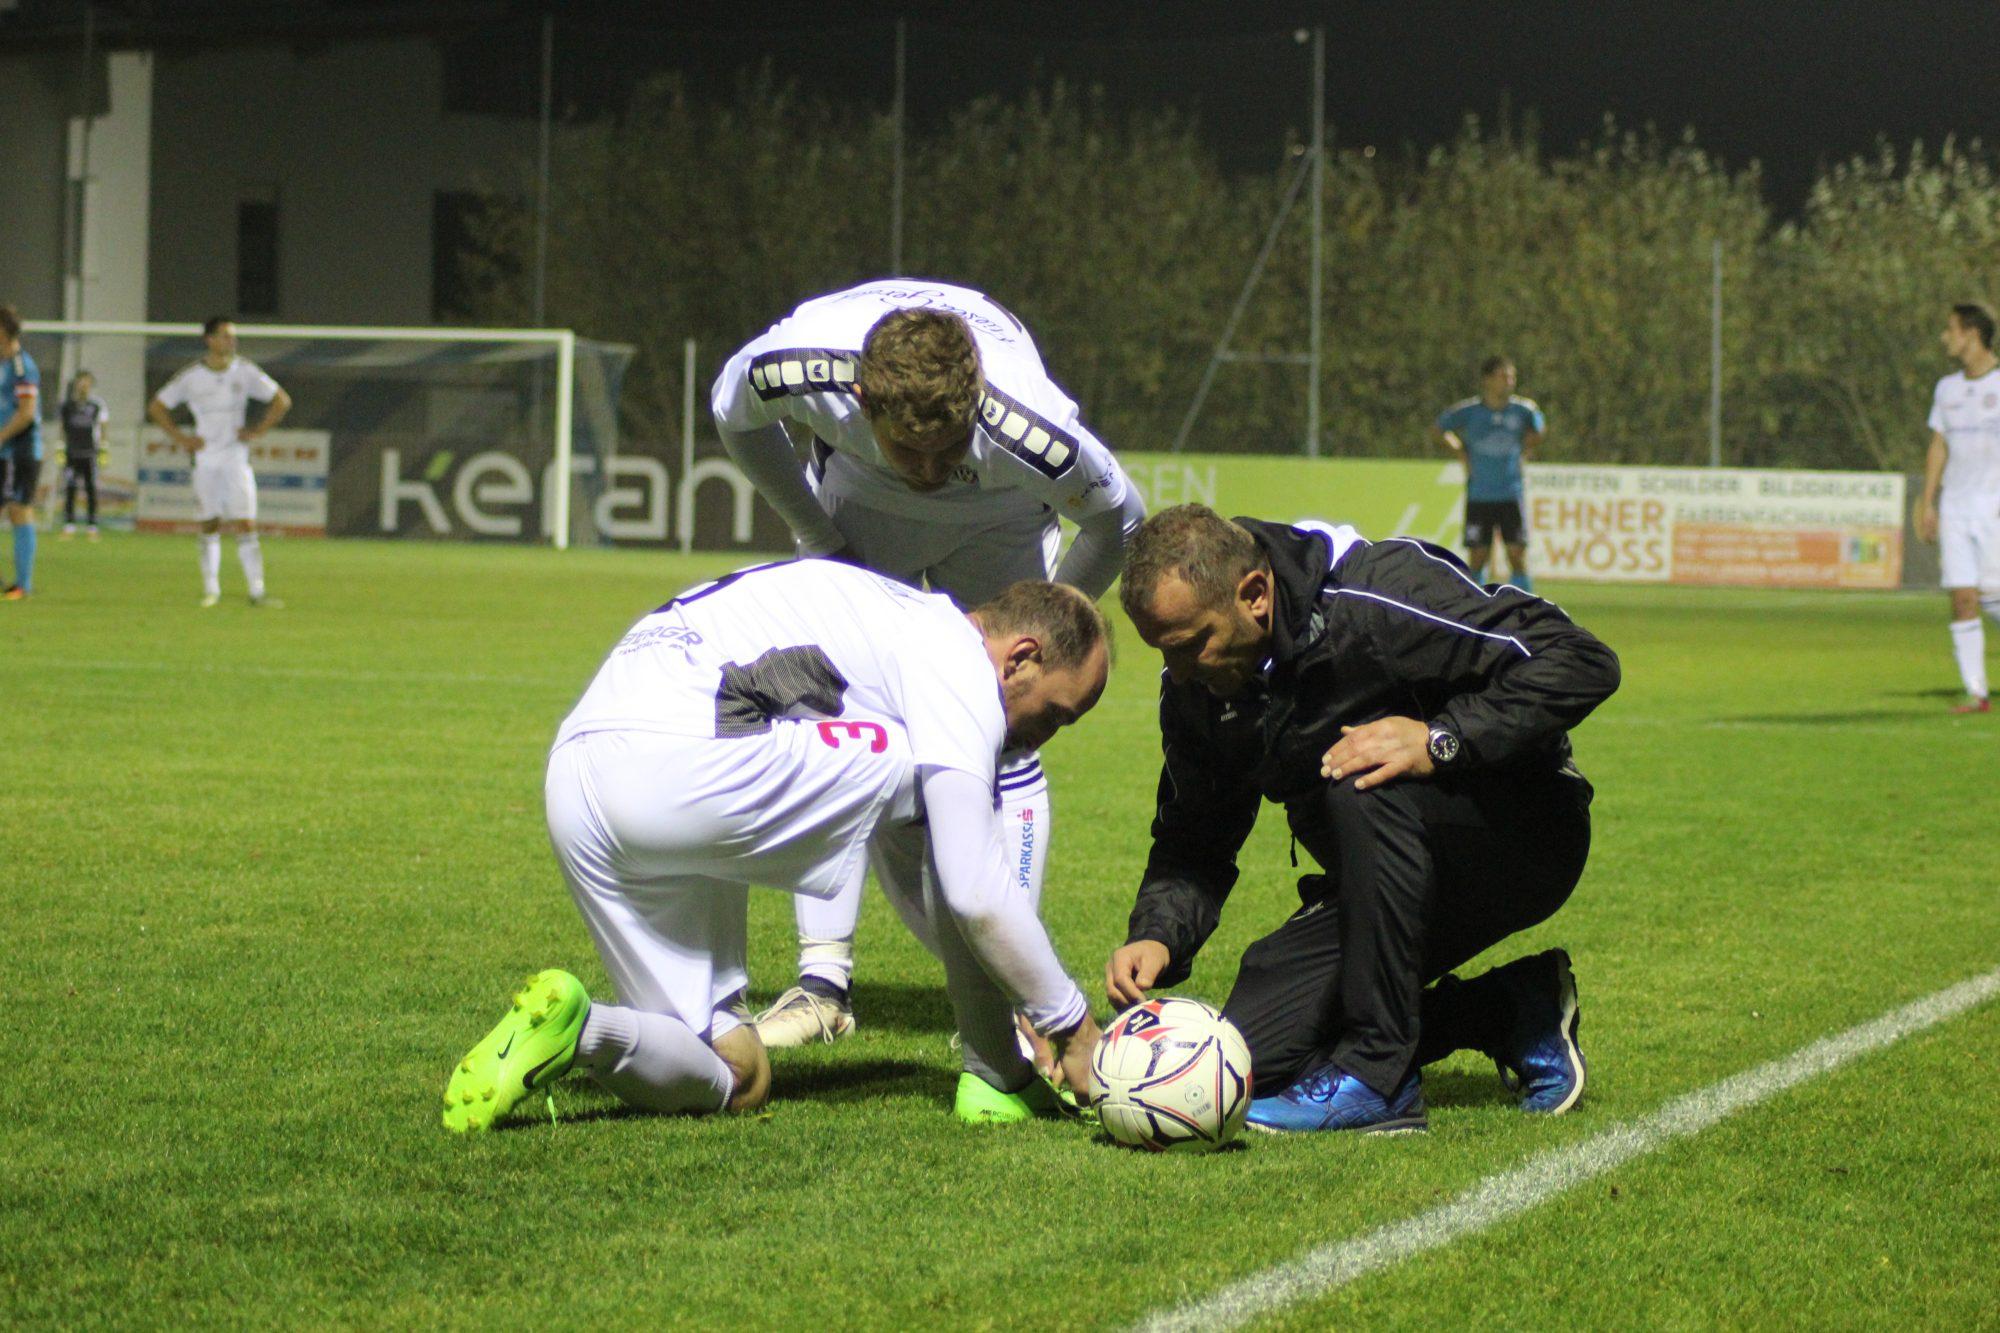 Obwohl Tomas Rehak so seine Probleme mit dem eigenen Schuhwerk hatte, hielt er seine Hintermannschaft über 90 Minuten zusammen